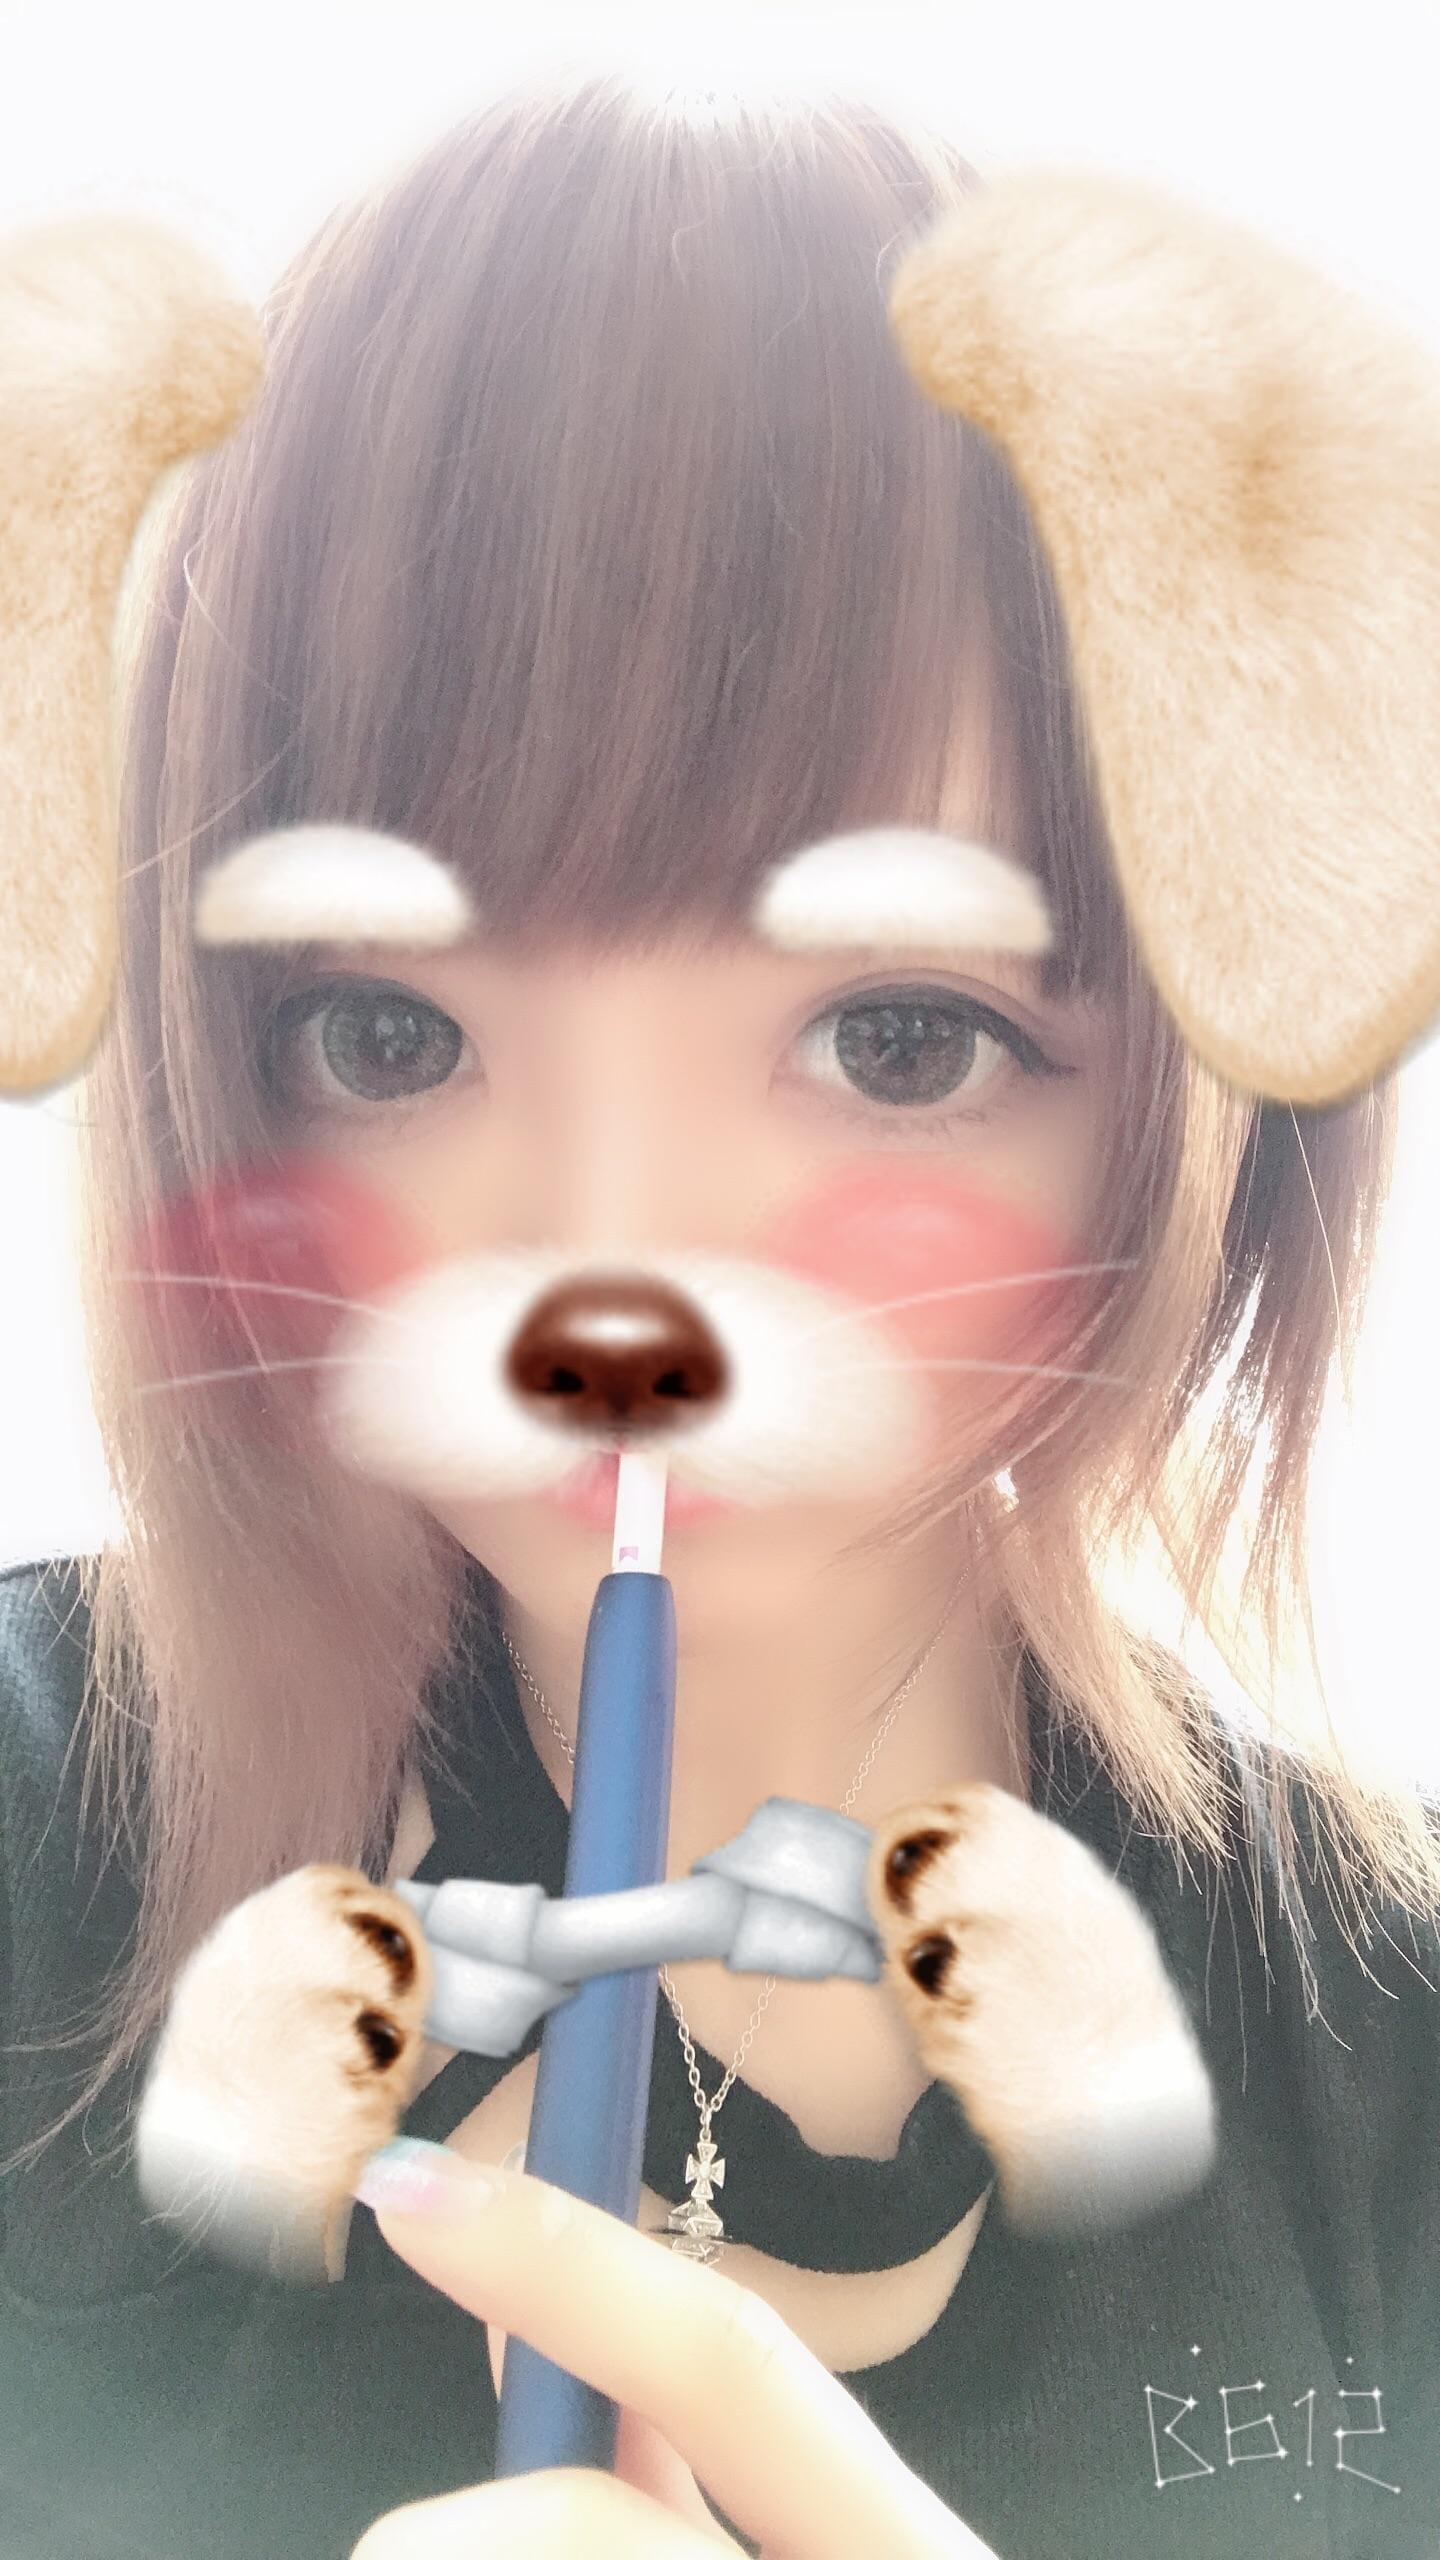 「(๑° ꒳ °๑)」05/18(05/18) 12:13   れいの写メ・風俗動画